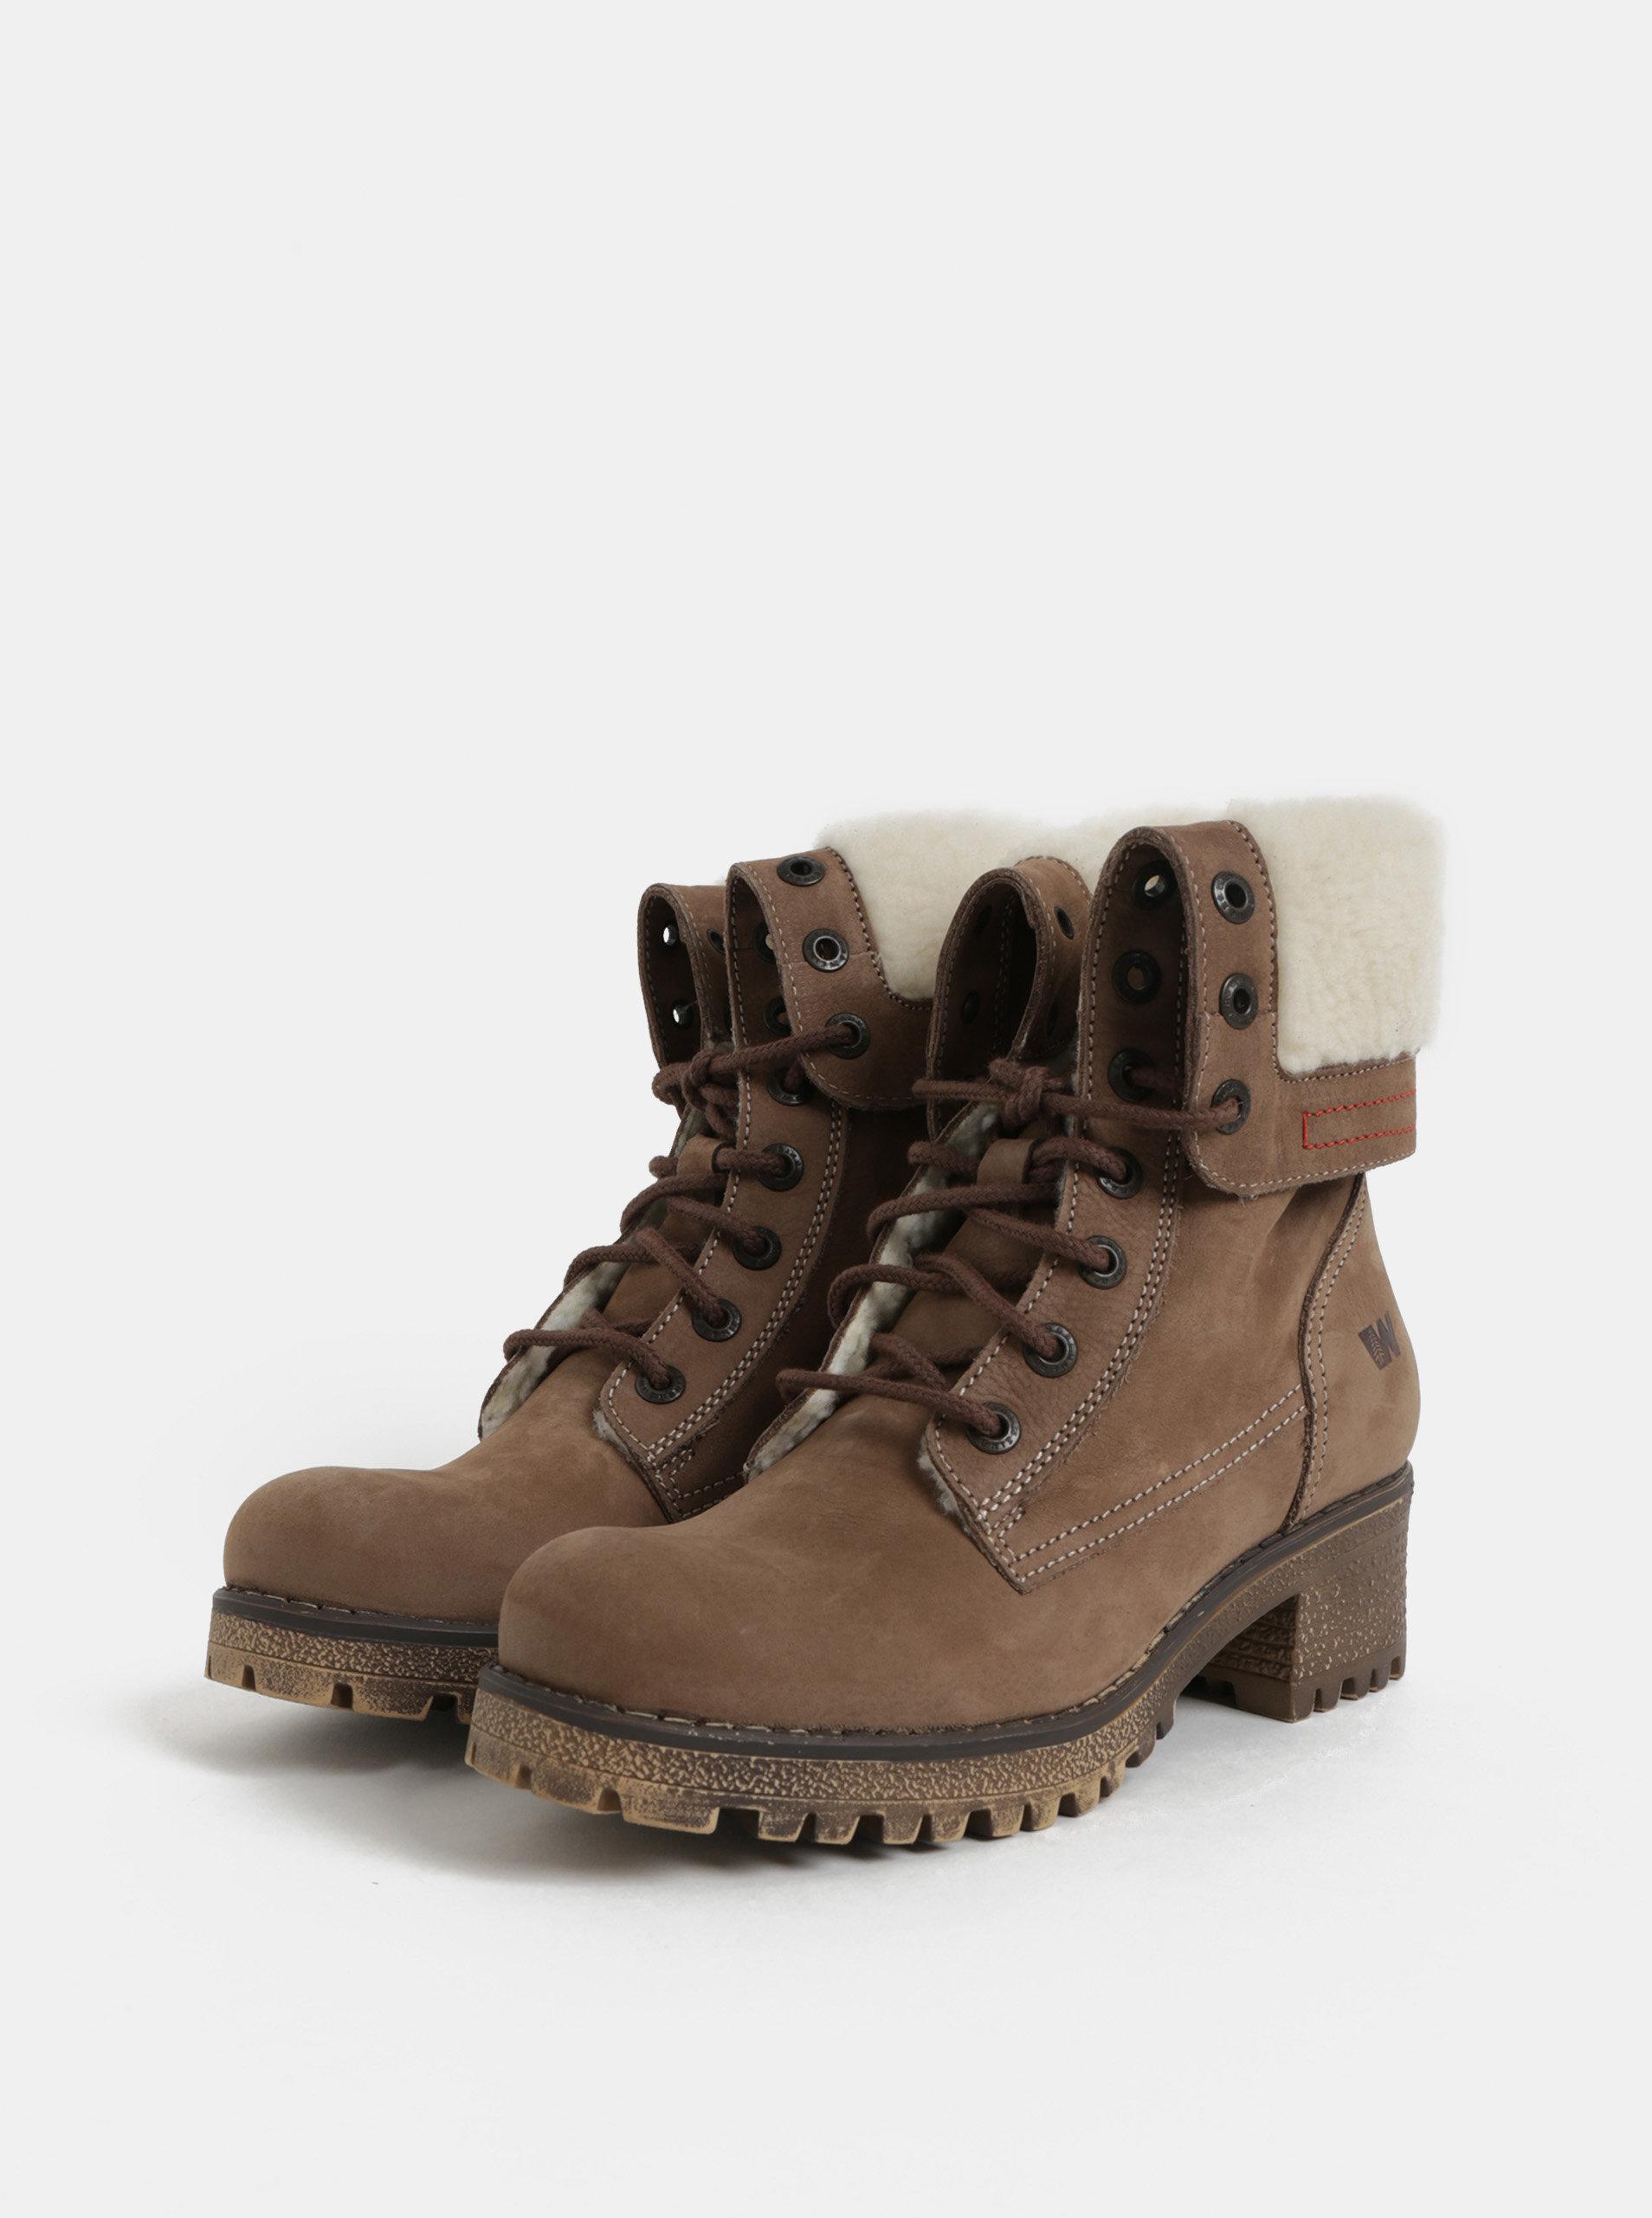 1d958d2d28fa6 Hnedé dámske kožené členkové zimné topánky na podpätku Weinbrenner ...